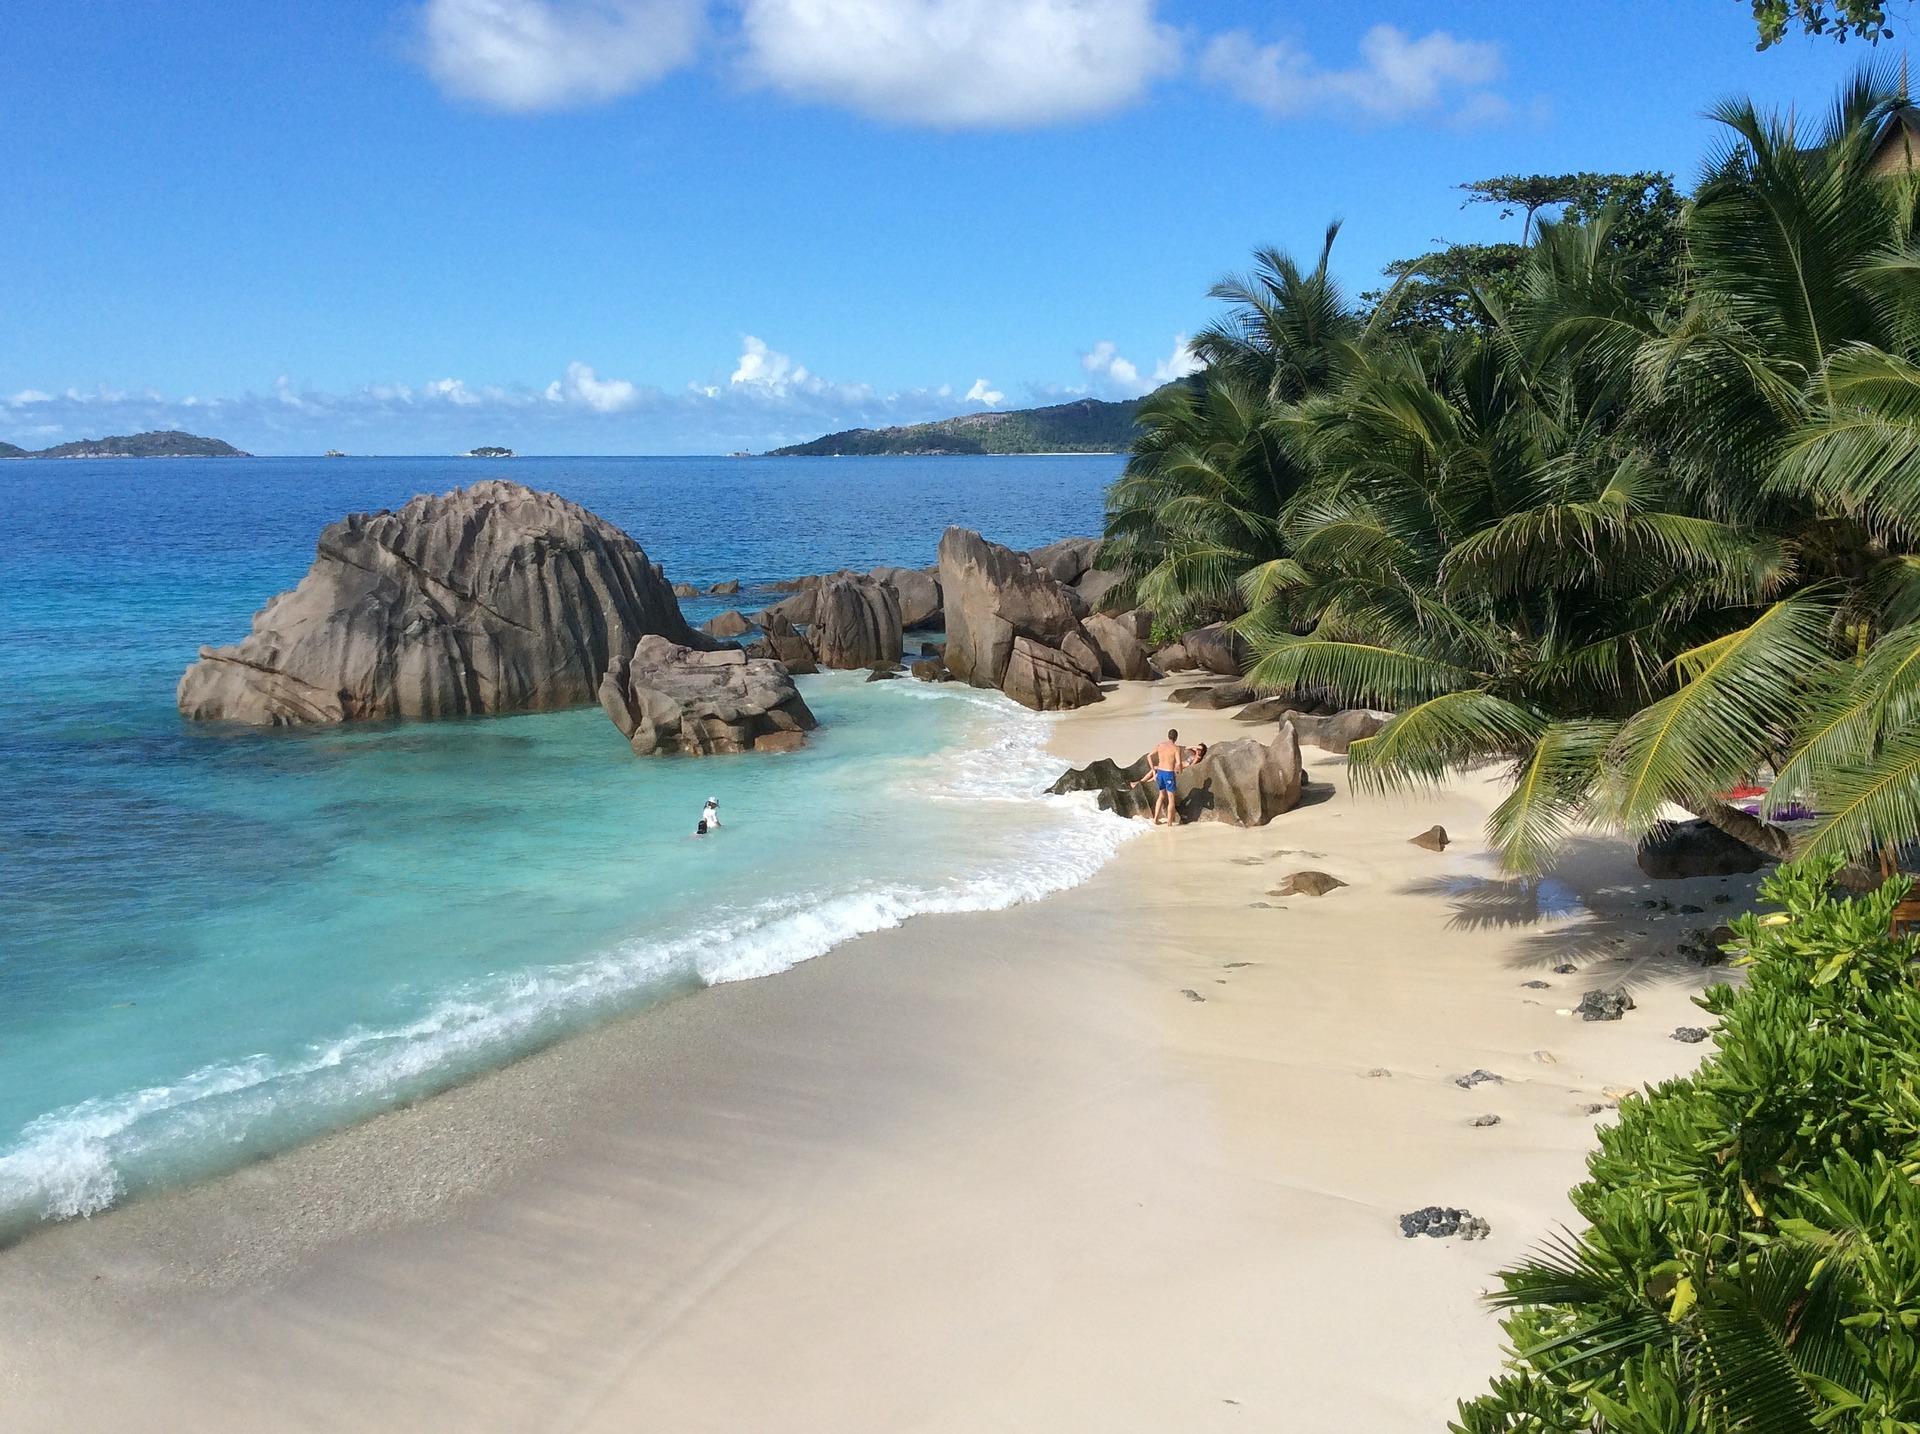 Erholung de luxe auf dem Weg zu den Seychellen - Bild